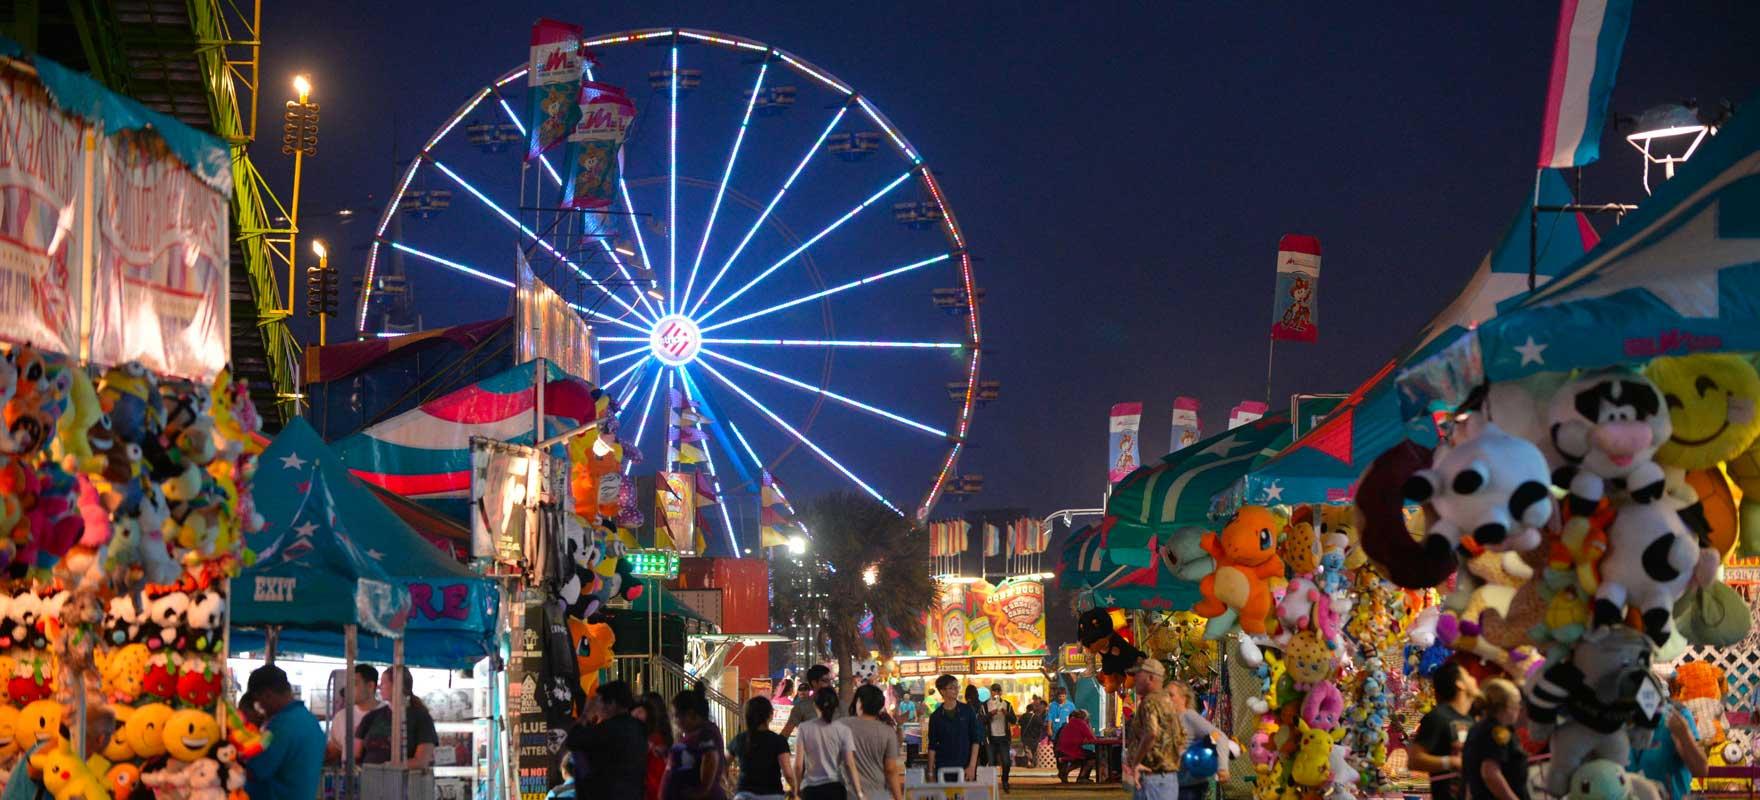 slider-carnival_1525862900275.jpg